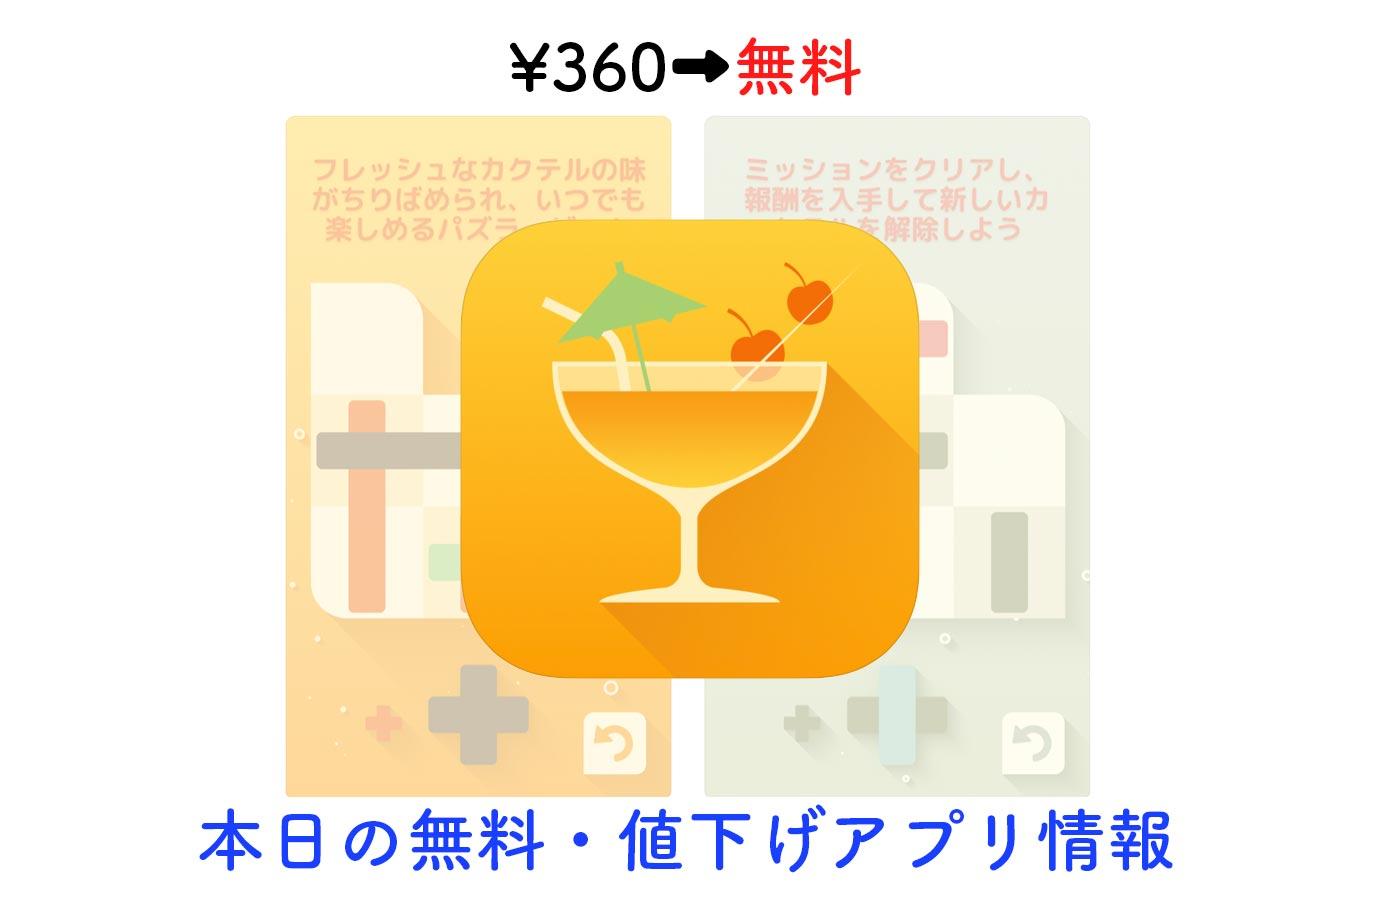 ¥360→無料、同じ色の線をつなげるパズル「Open Bar!」など【4/4】セールアプリ情報